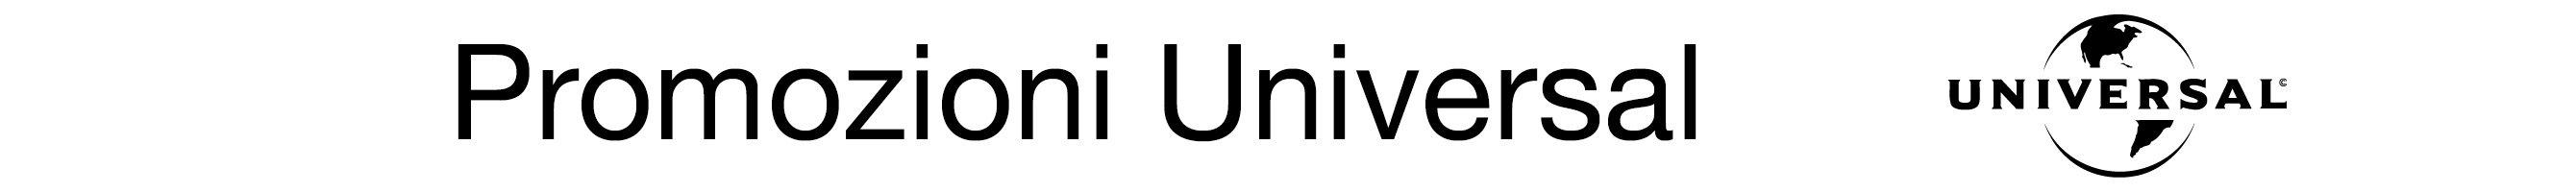 Promozioni Universal